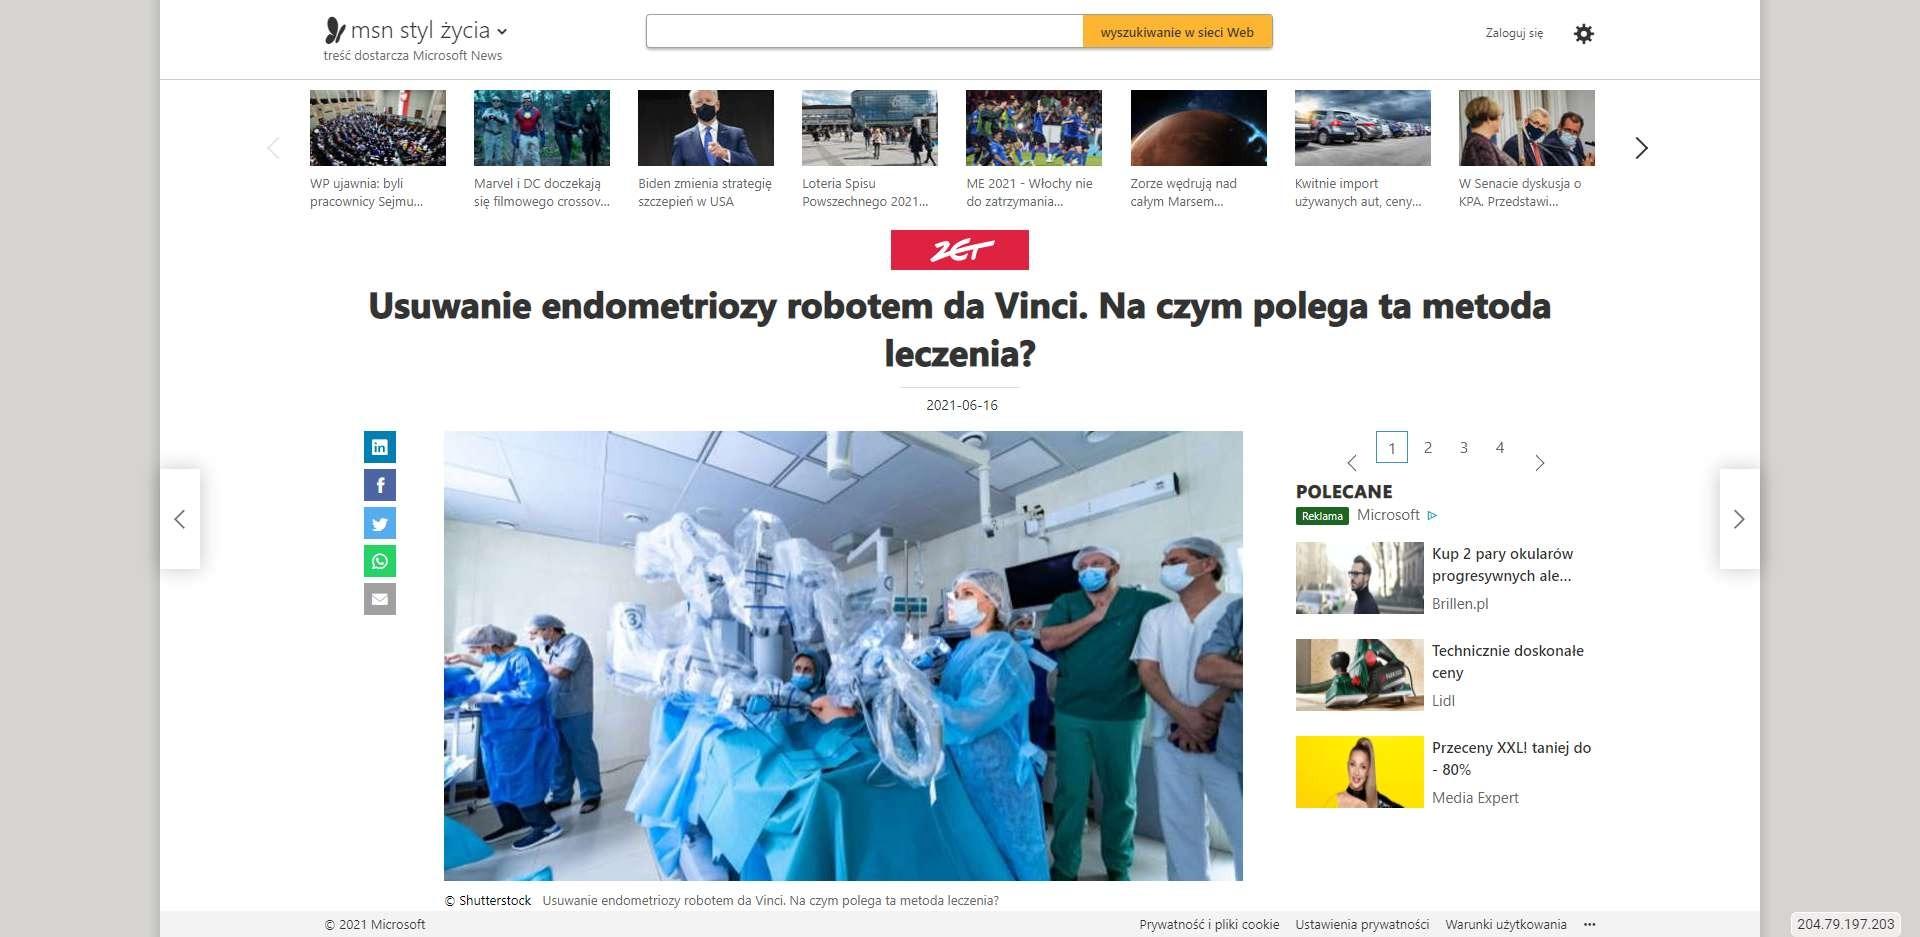 usuwanie endometriozy robotem da vinci na czym polega ta metoda leczenia